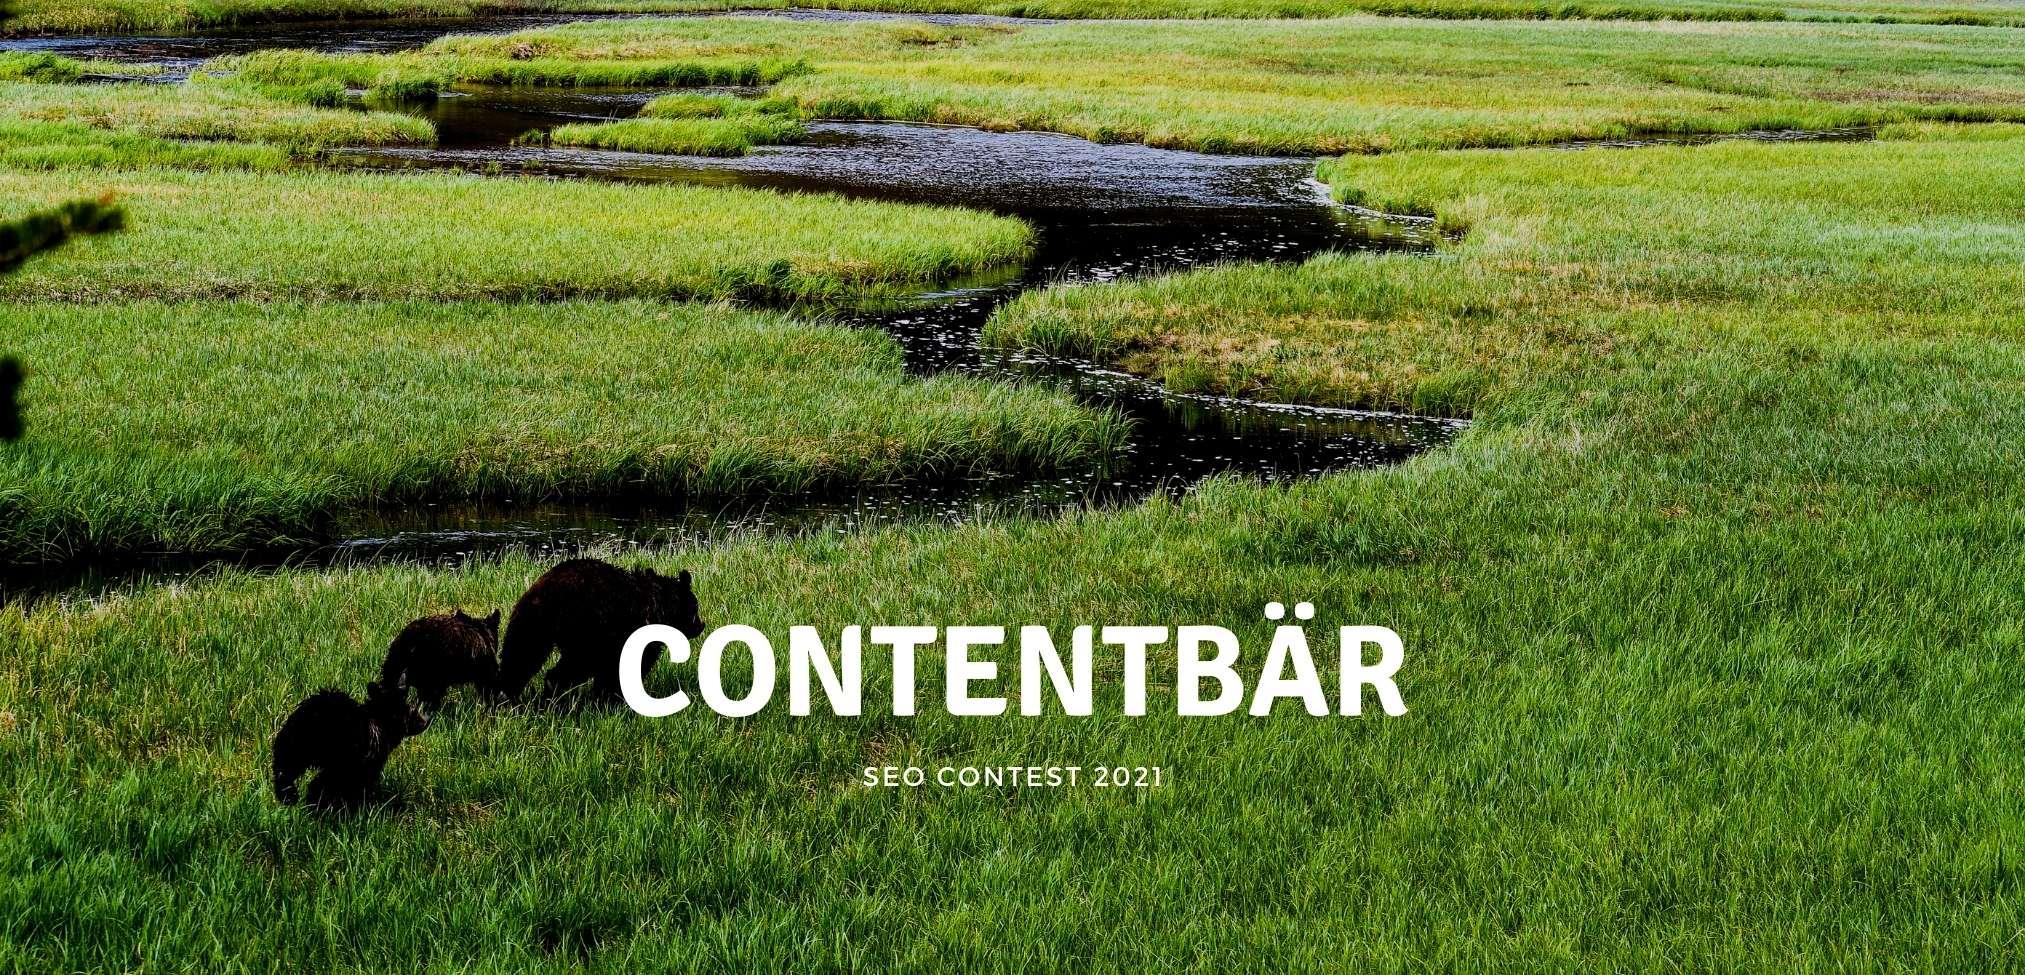 Contentbär – SEO Contest 2021 – Go!